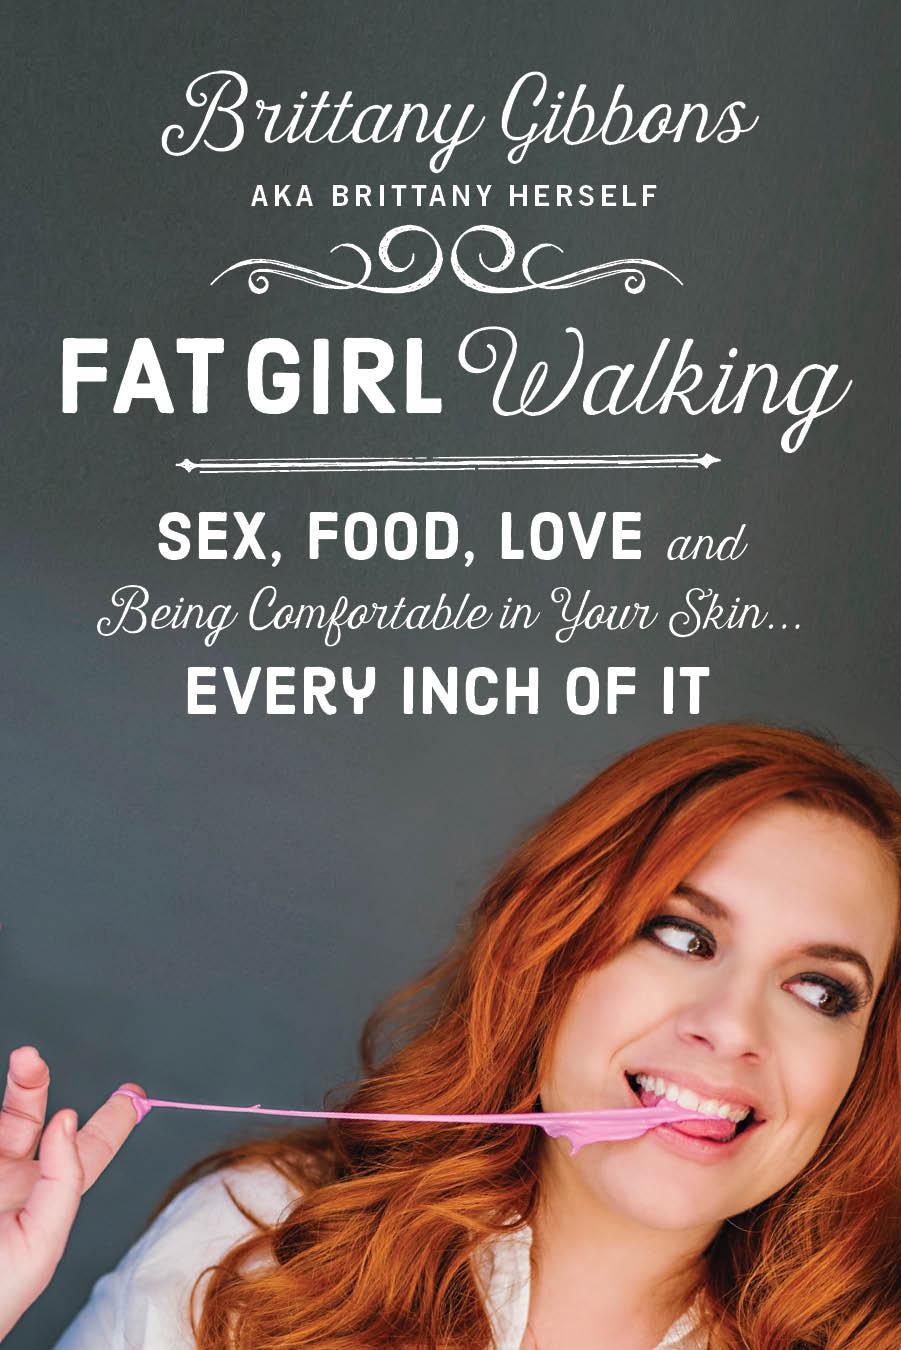 FatGirlWalking_Gibbons.jpg